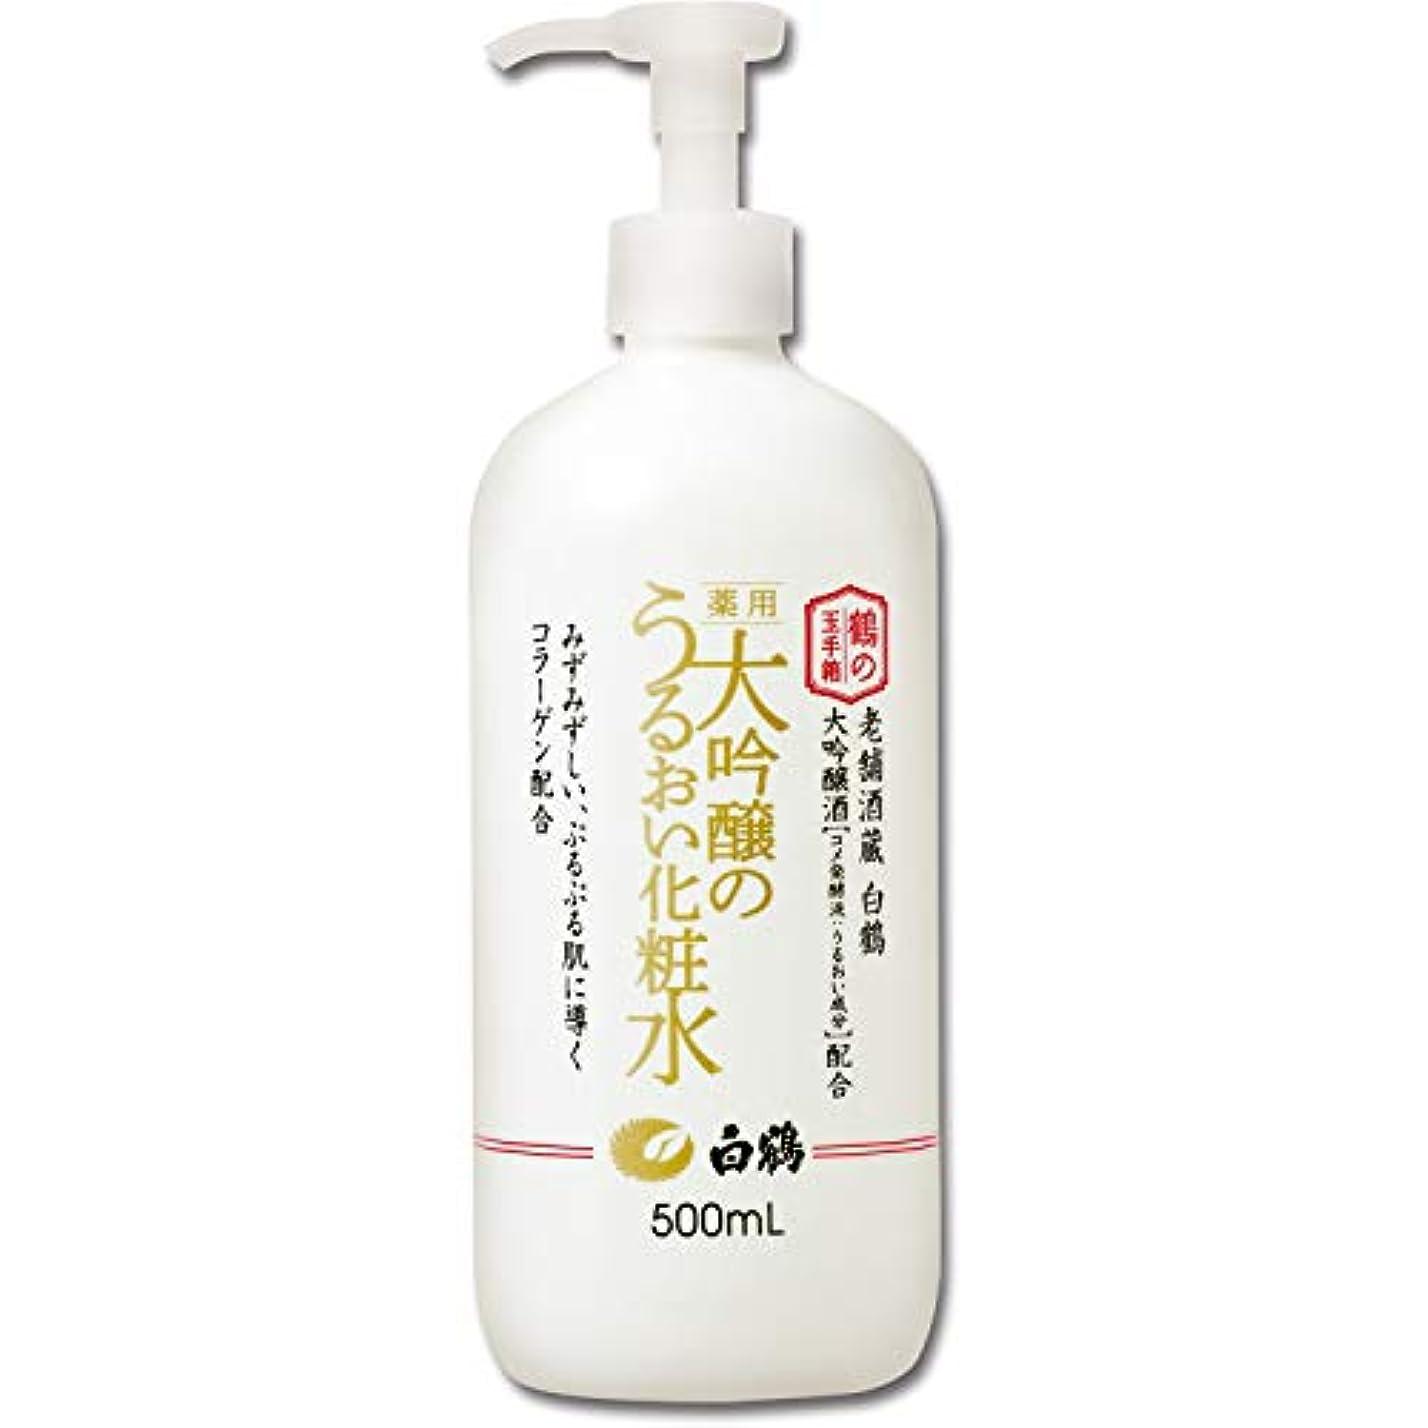 魅力的であることへのアピールカテゴリーエミュレーション白鶴 鶴の玉手箱 薬用 大吟醸のうるおい化粧水 500ml